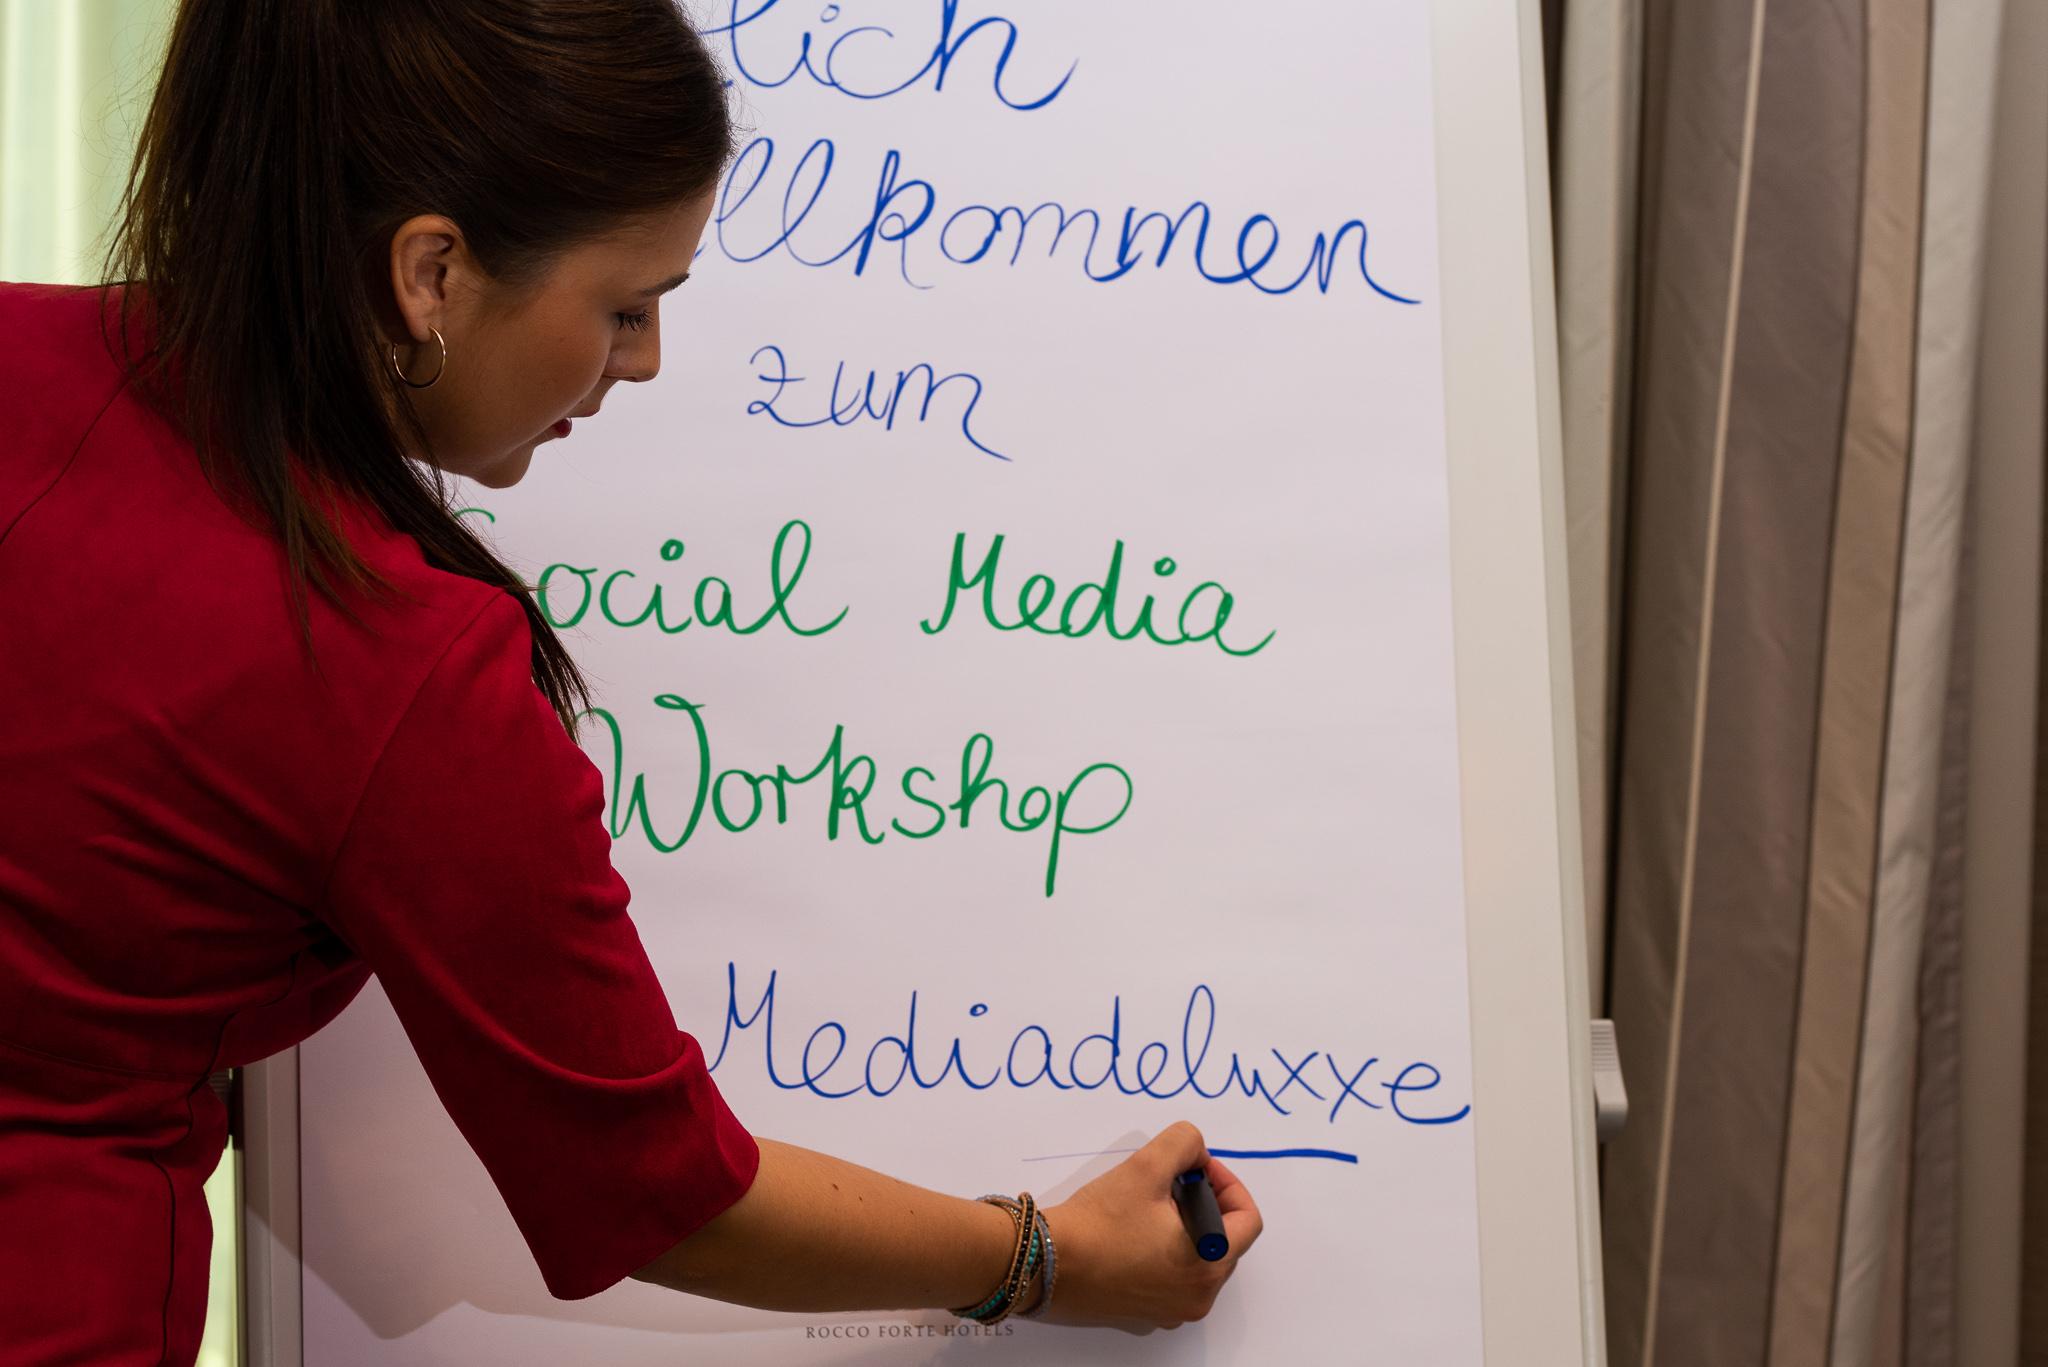 Social Media Onlineworkshop Mediadeluxxe